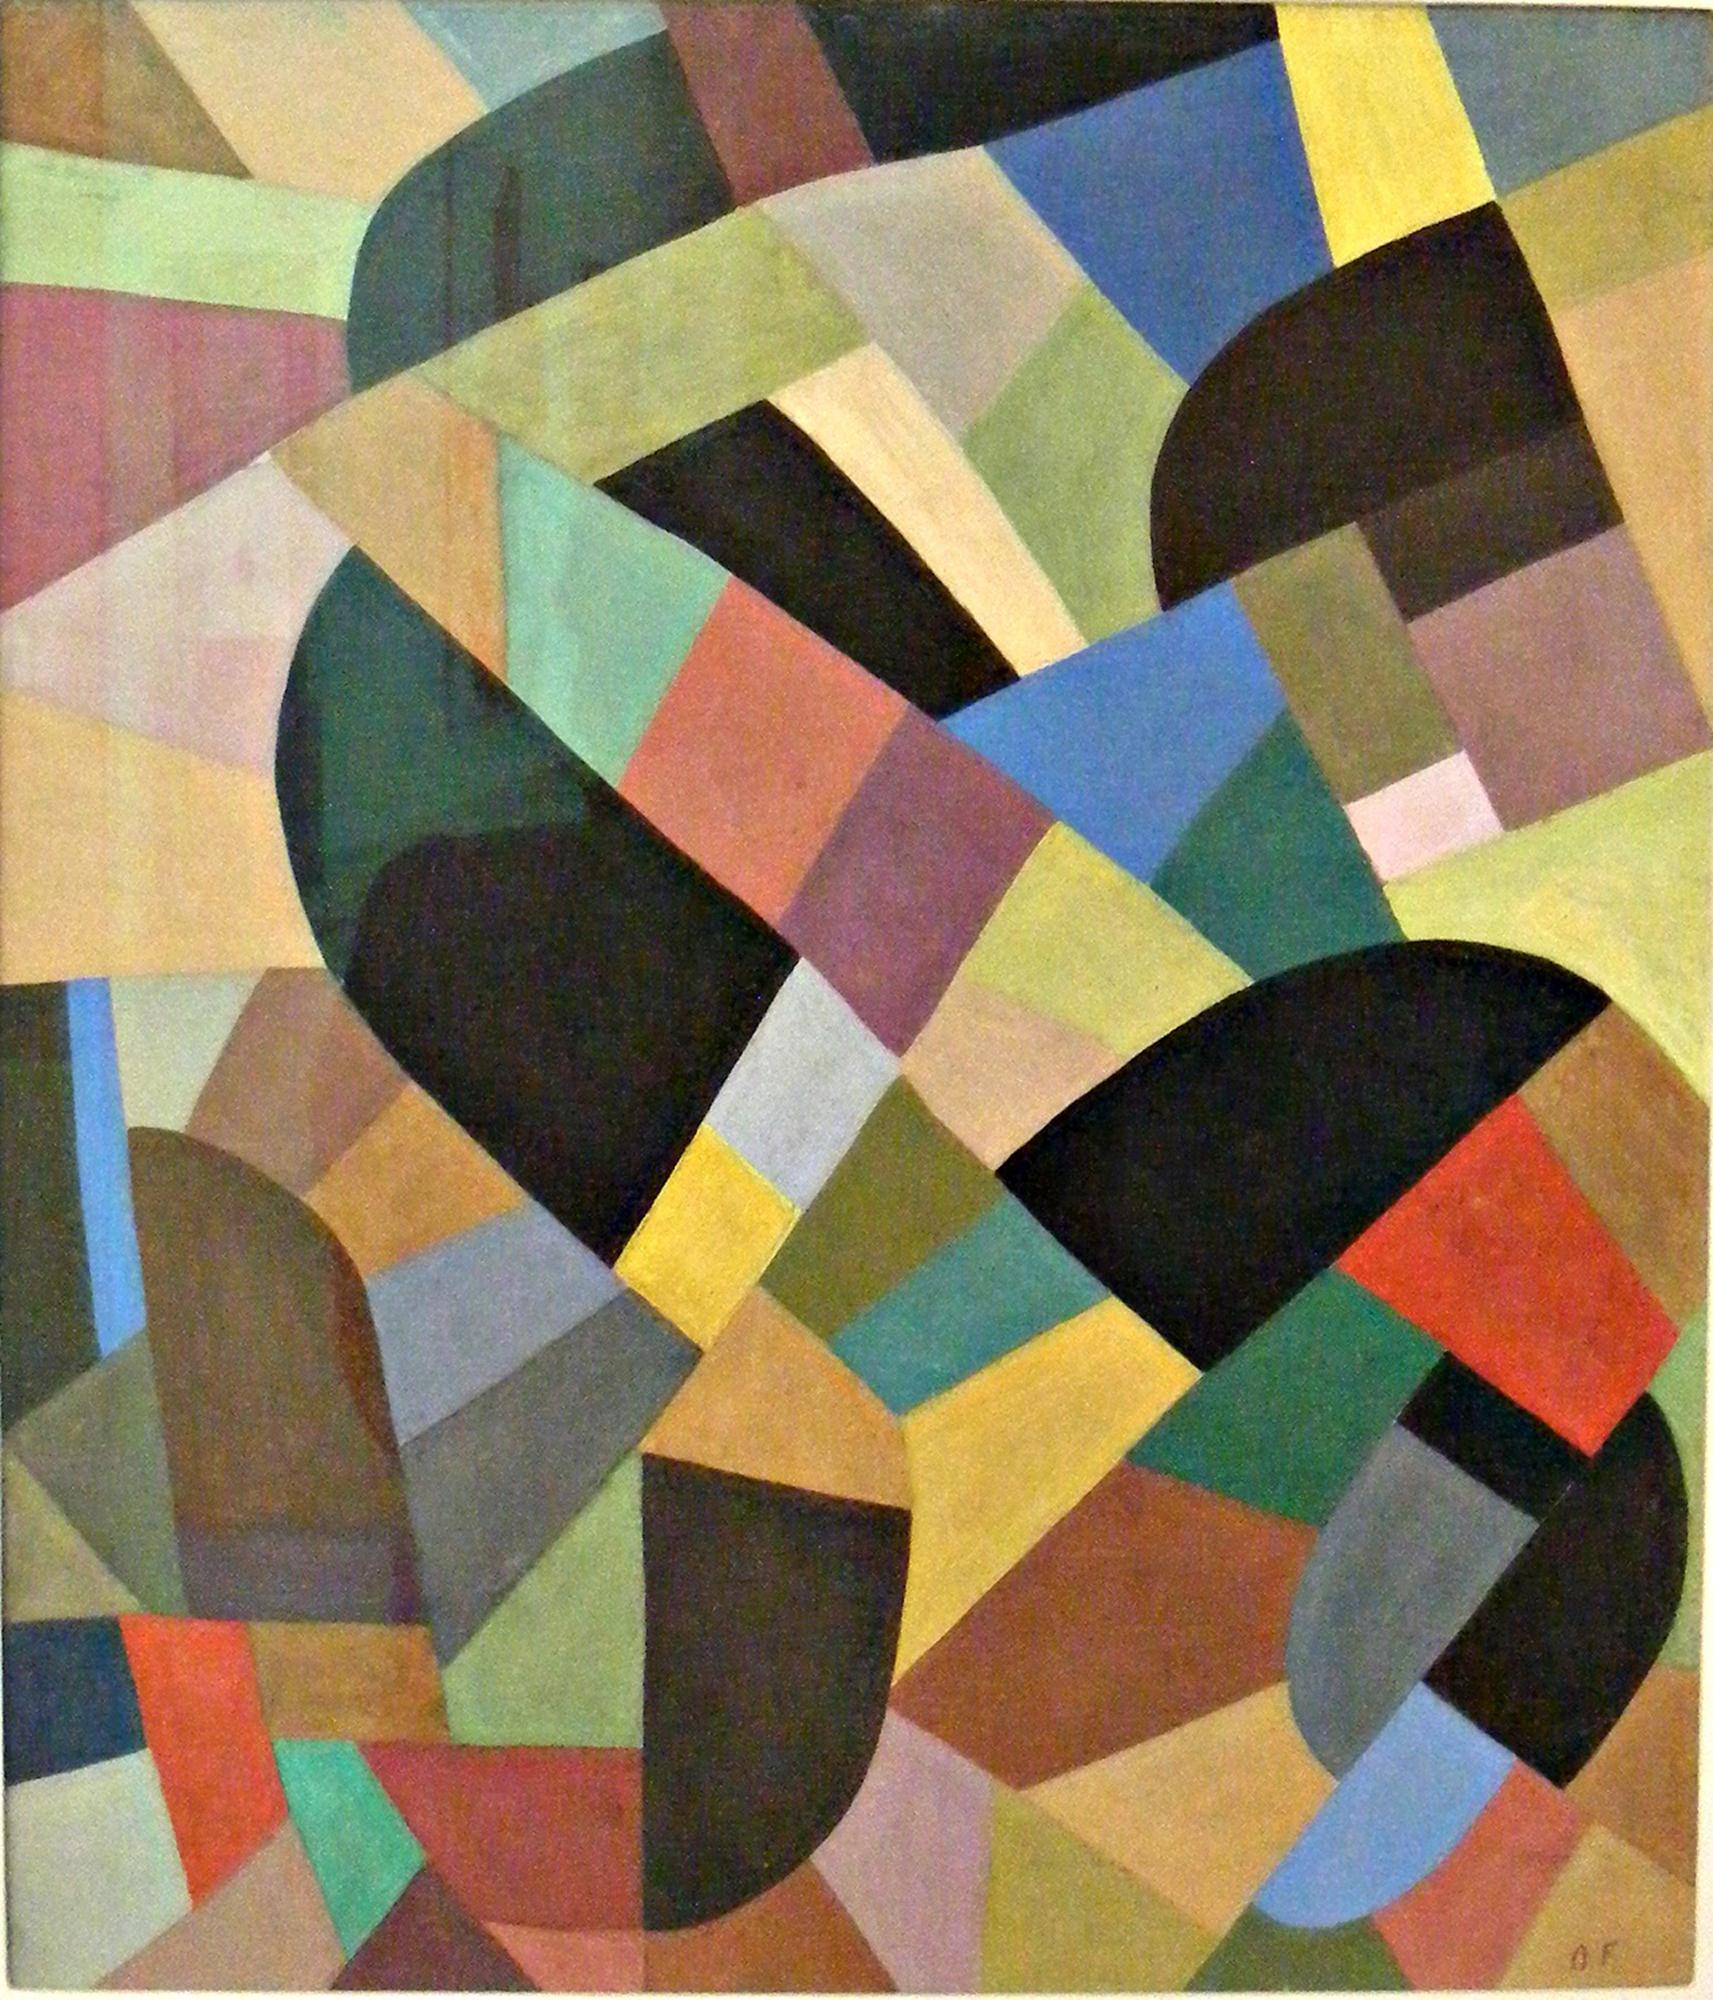 Otto Freundlich, Kompozycja Abstrakcyjna, 1938-1939, olej na płótnie (zdjęcie pochodzi z materiałów prasowych)